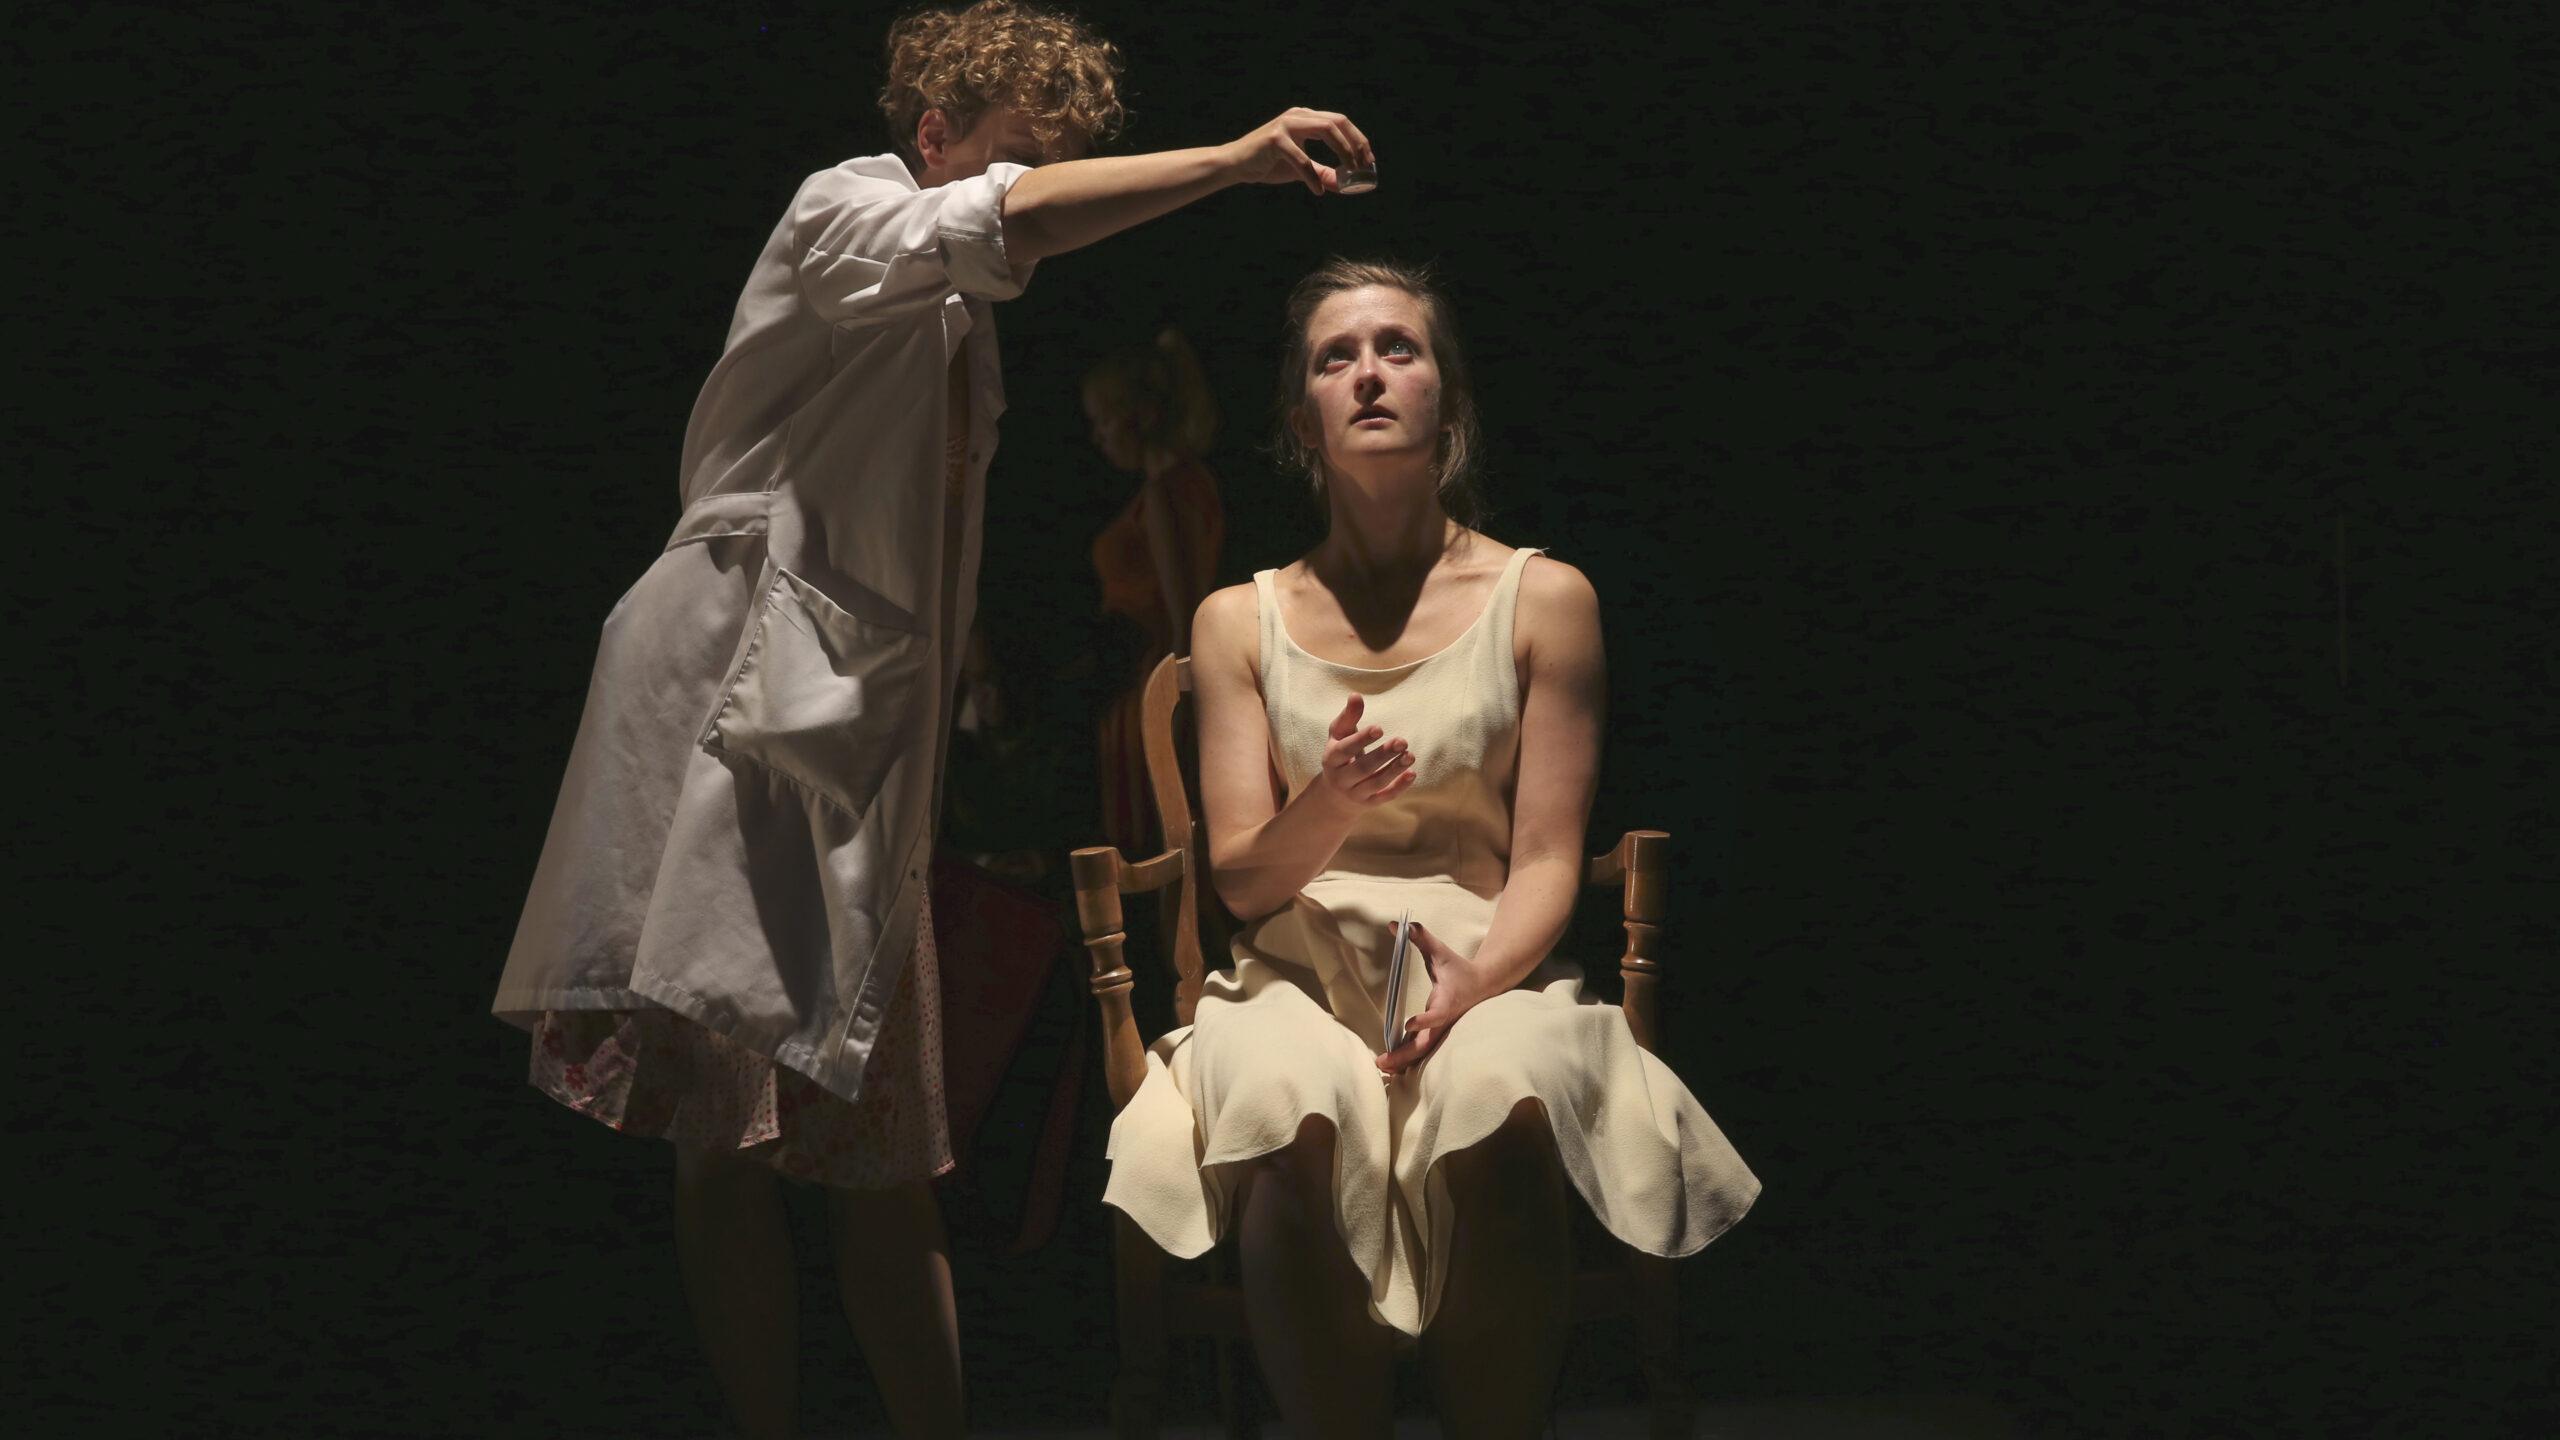 Crème de la crème, Dramatikkfestivalen (2013)